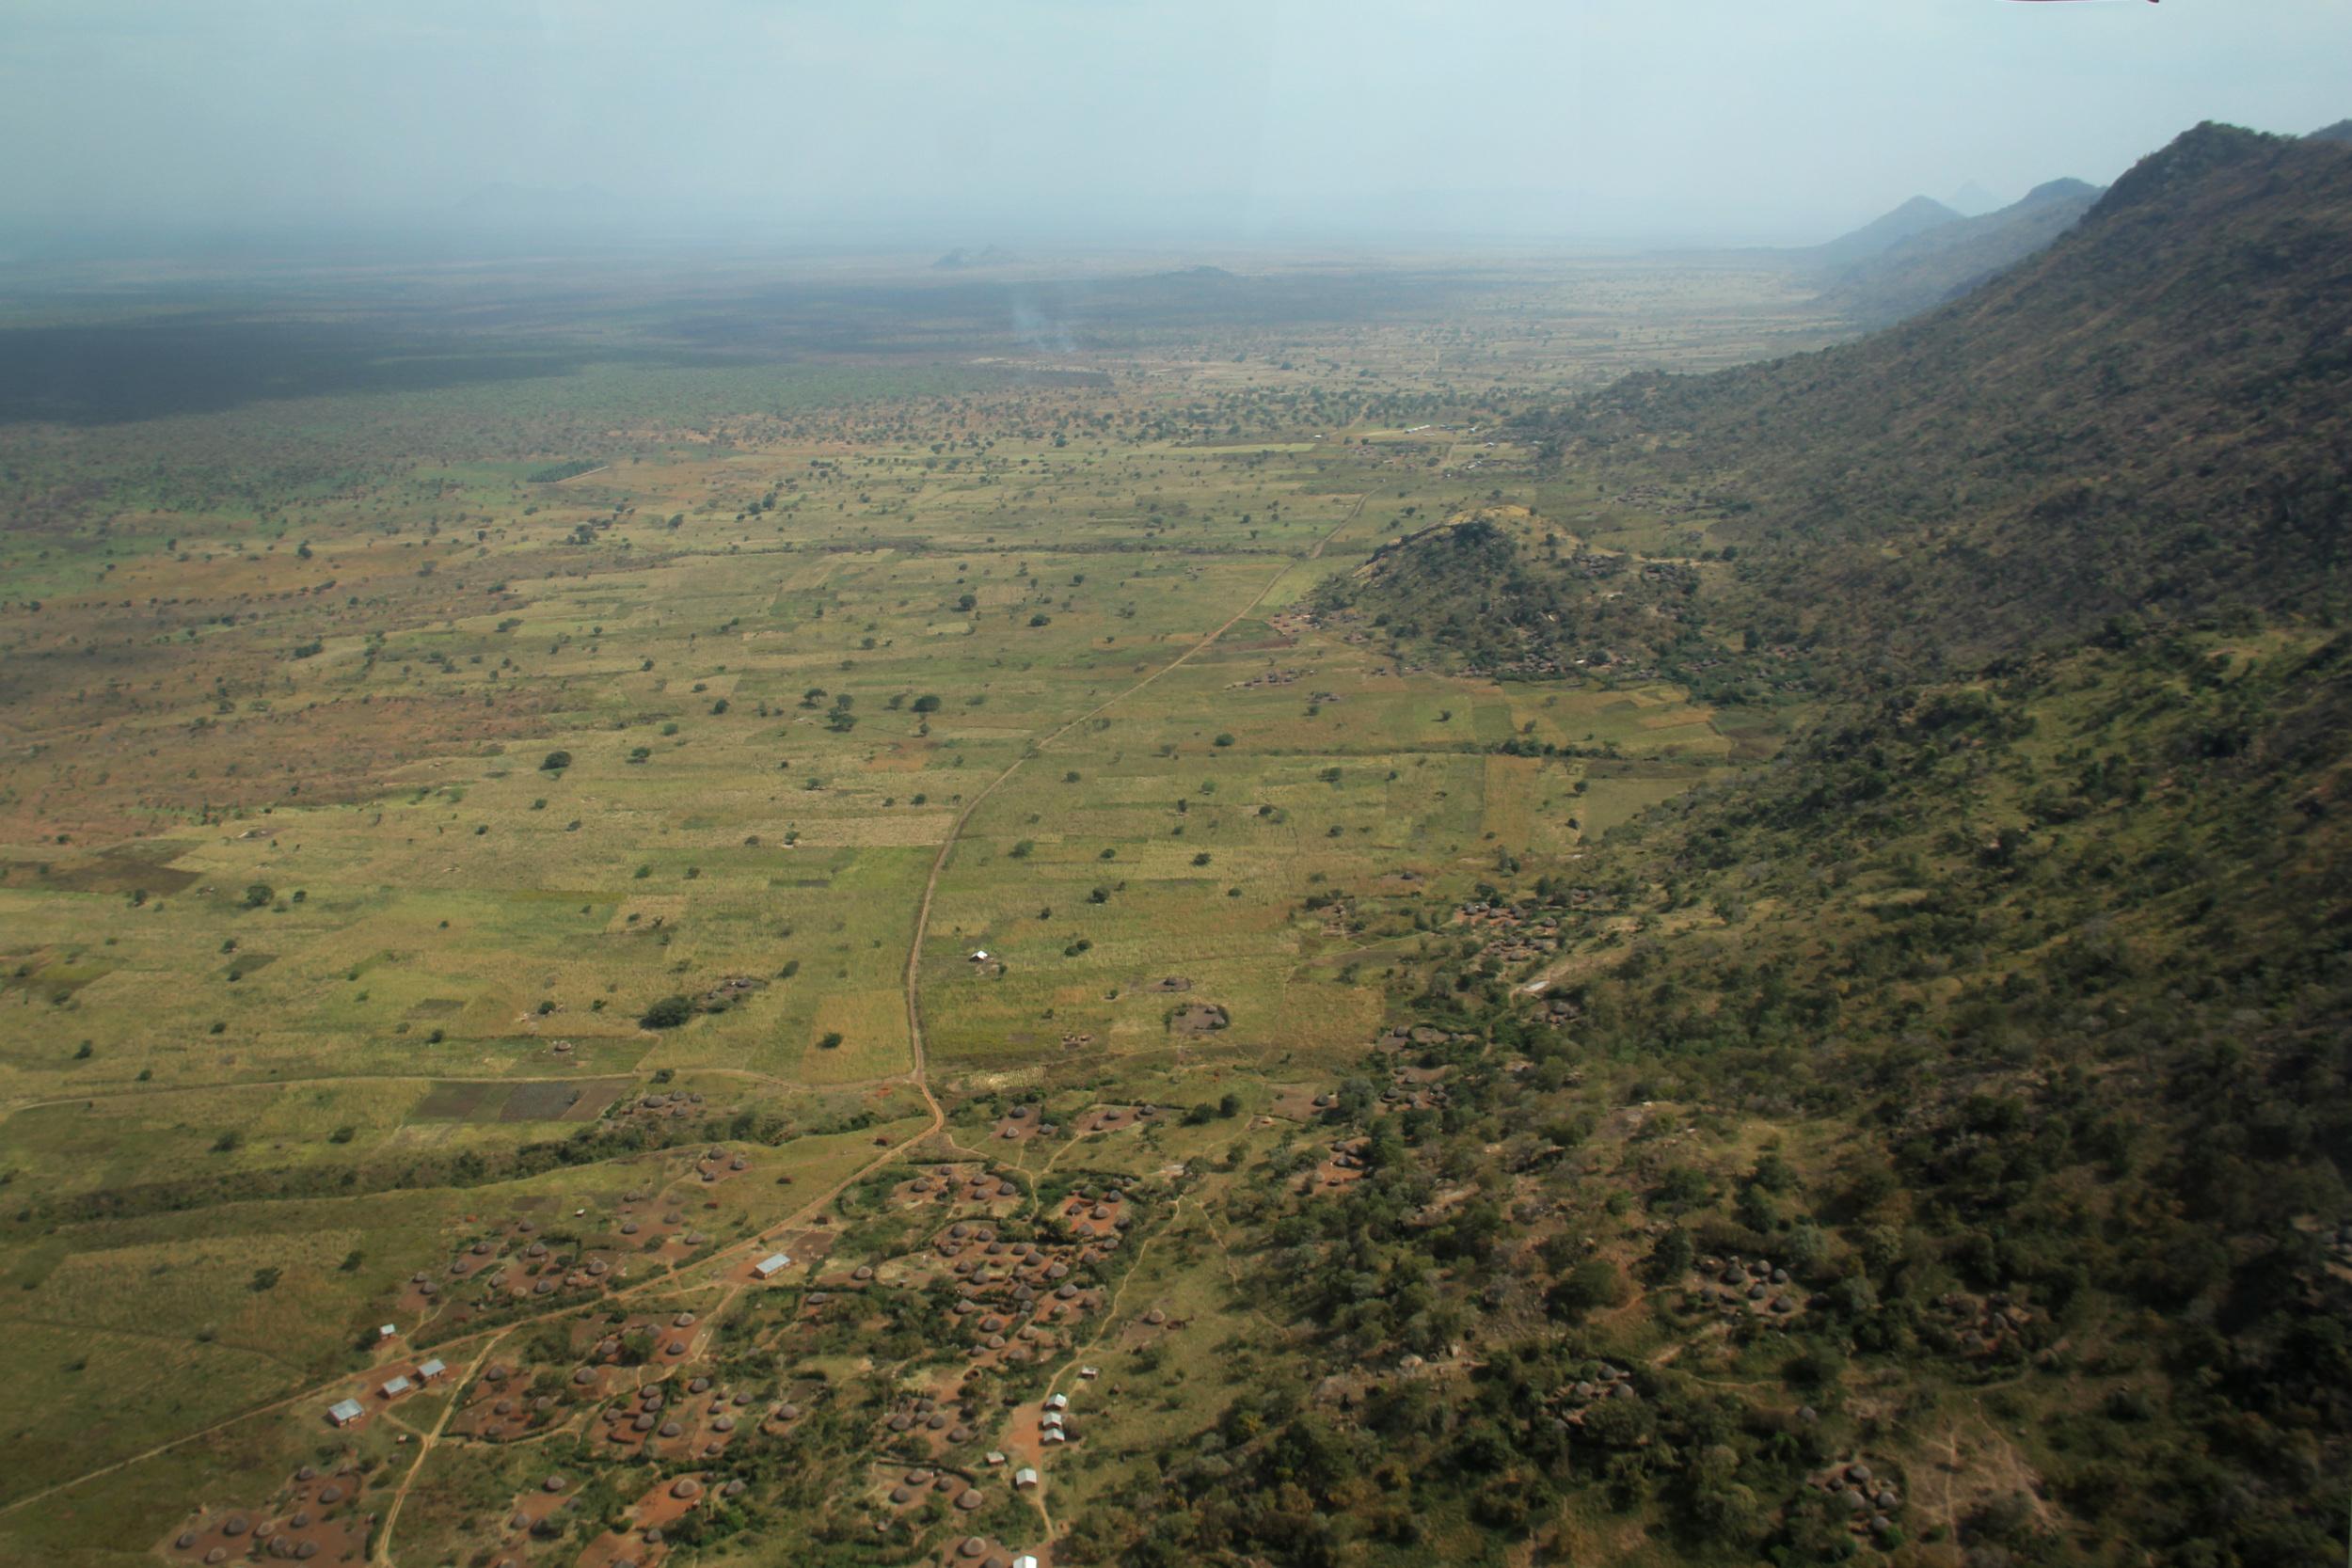 Kidepo plains, Uganda